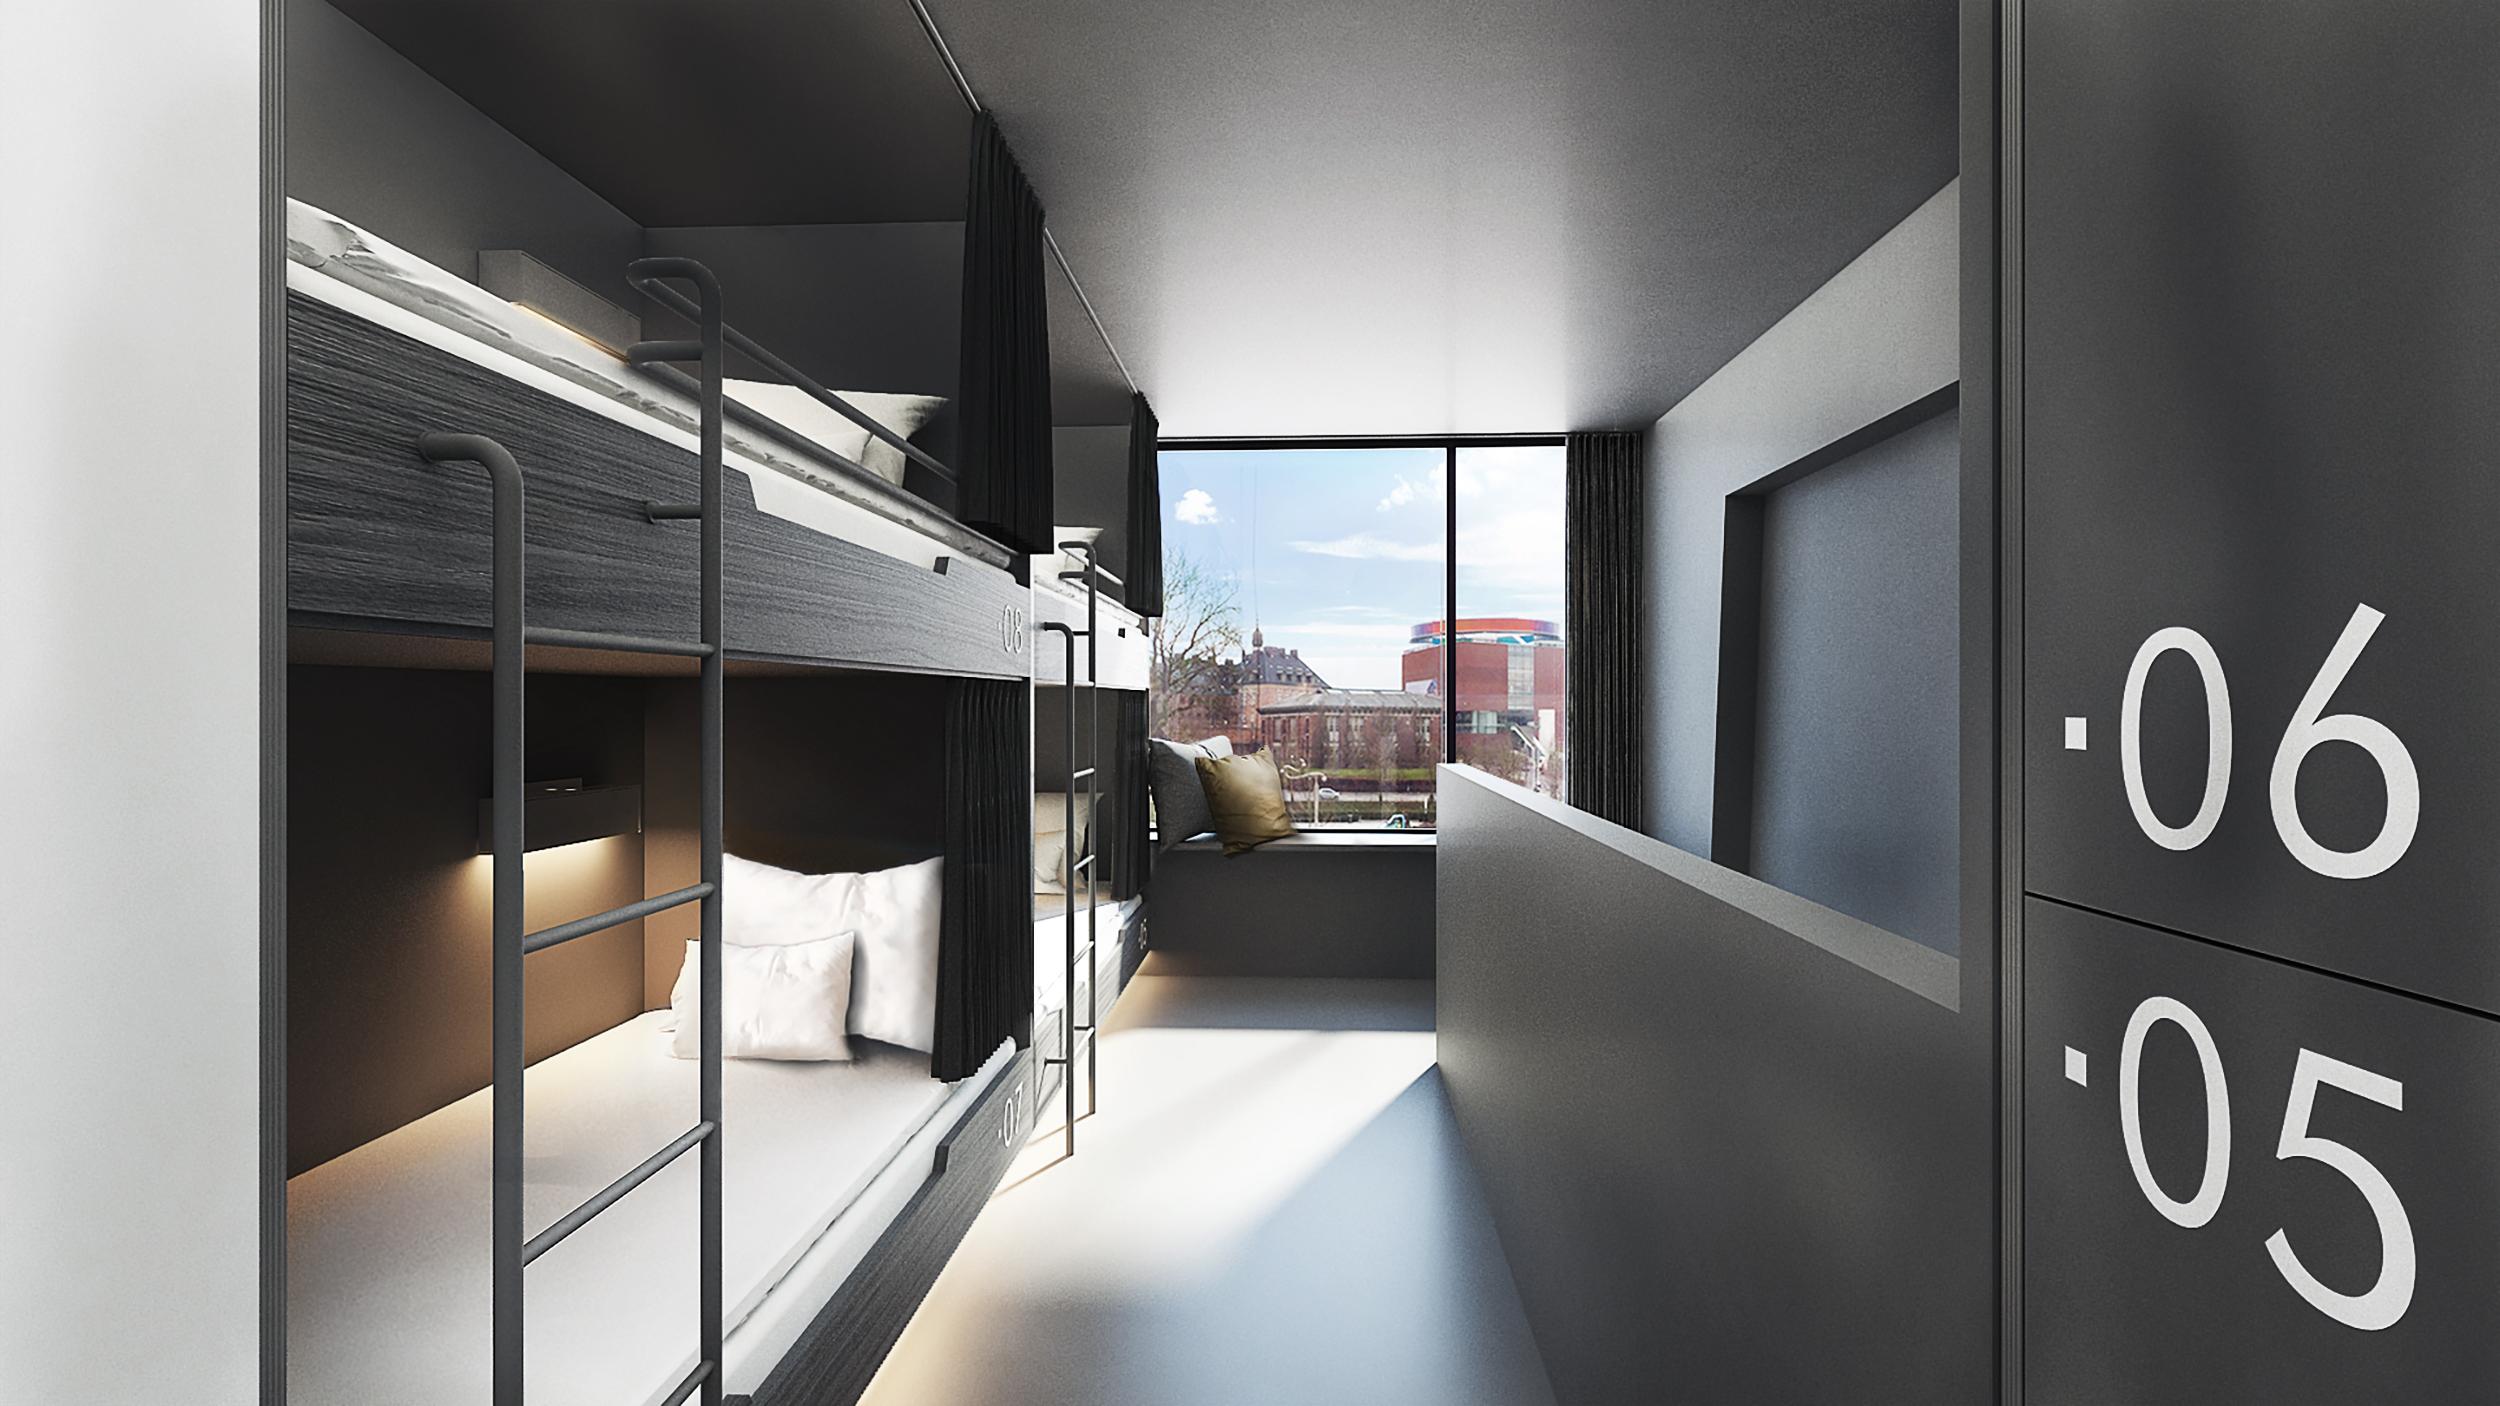 Eksempel på sovesal, pod dorm, som det kaldes, på Book1 Design Hostel, der åbner i Aarhus til marts næste år. Gennem vinduet anes Aarhus' kunstmuseum, Aros. Pressefoto: Brøchner Hotels.